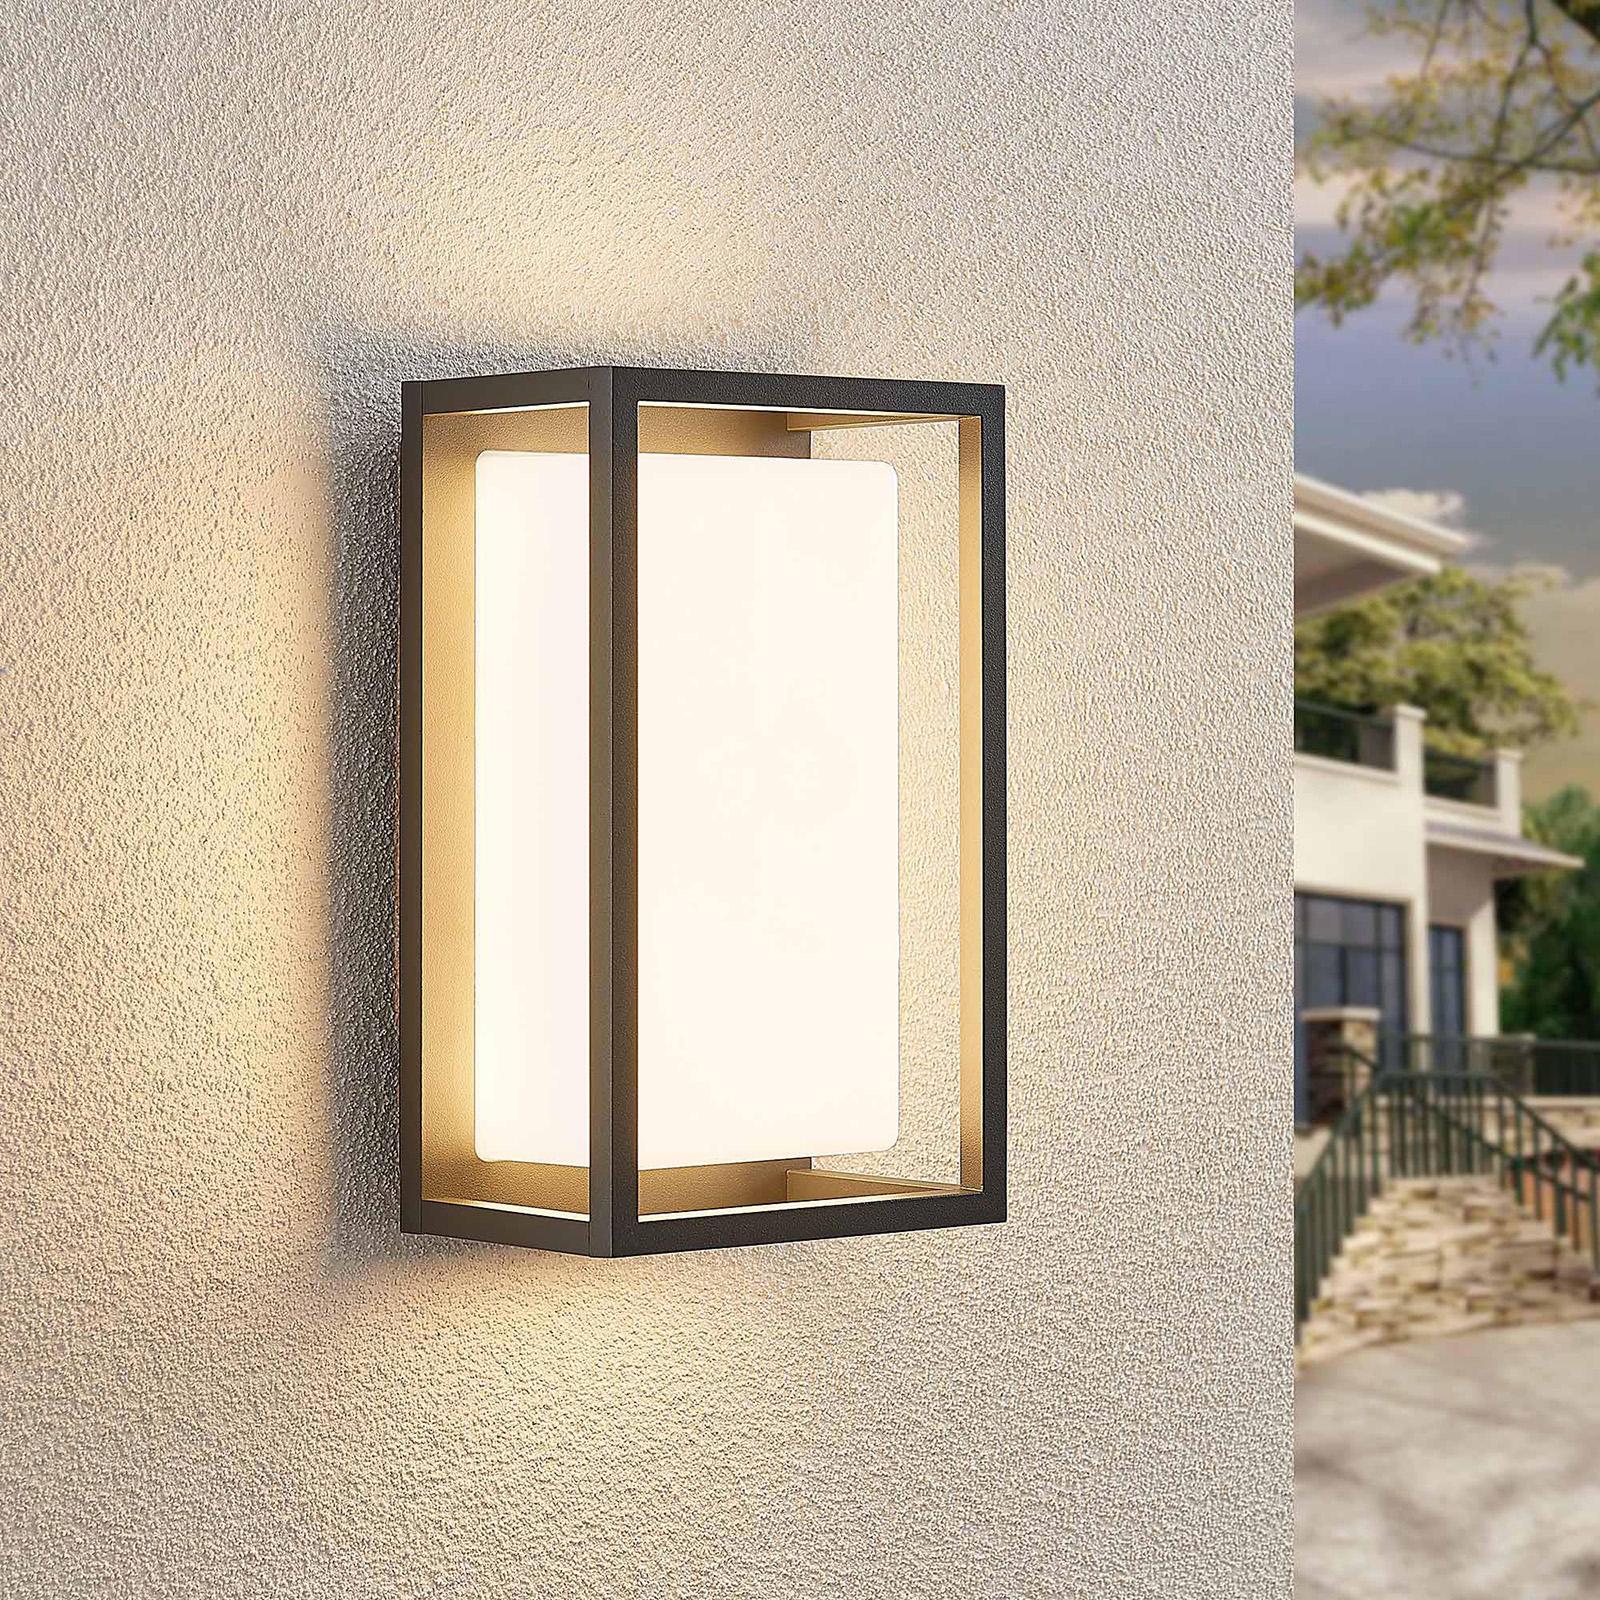 Lucande Ilirian kinkiet zewnętrzny LED z aluminium